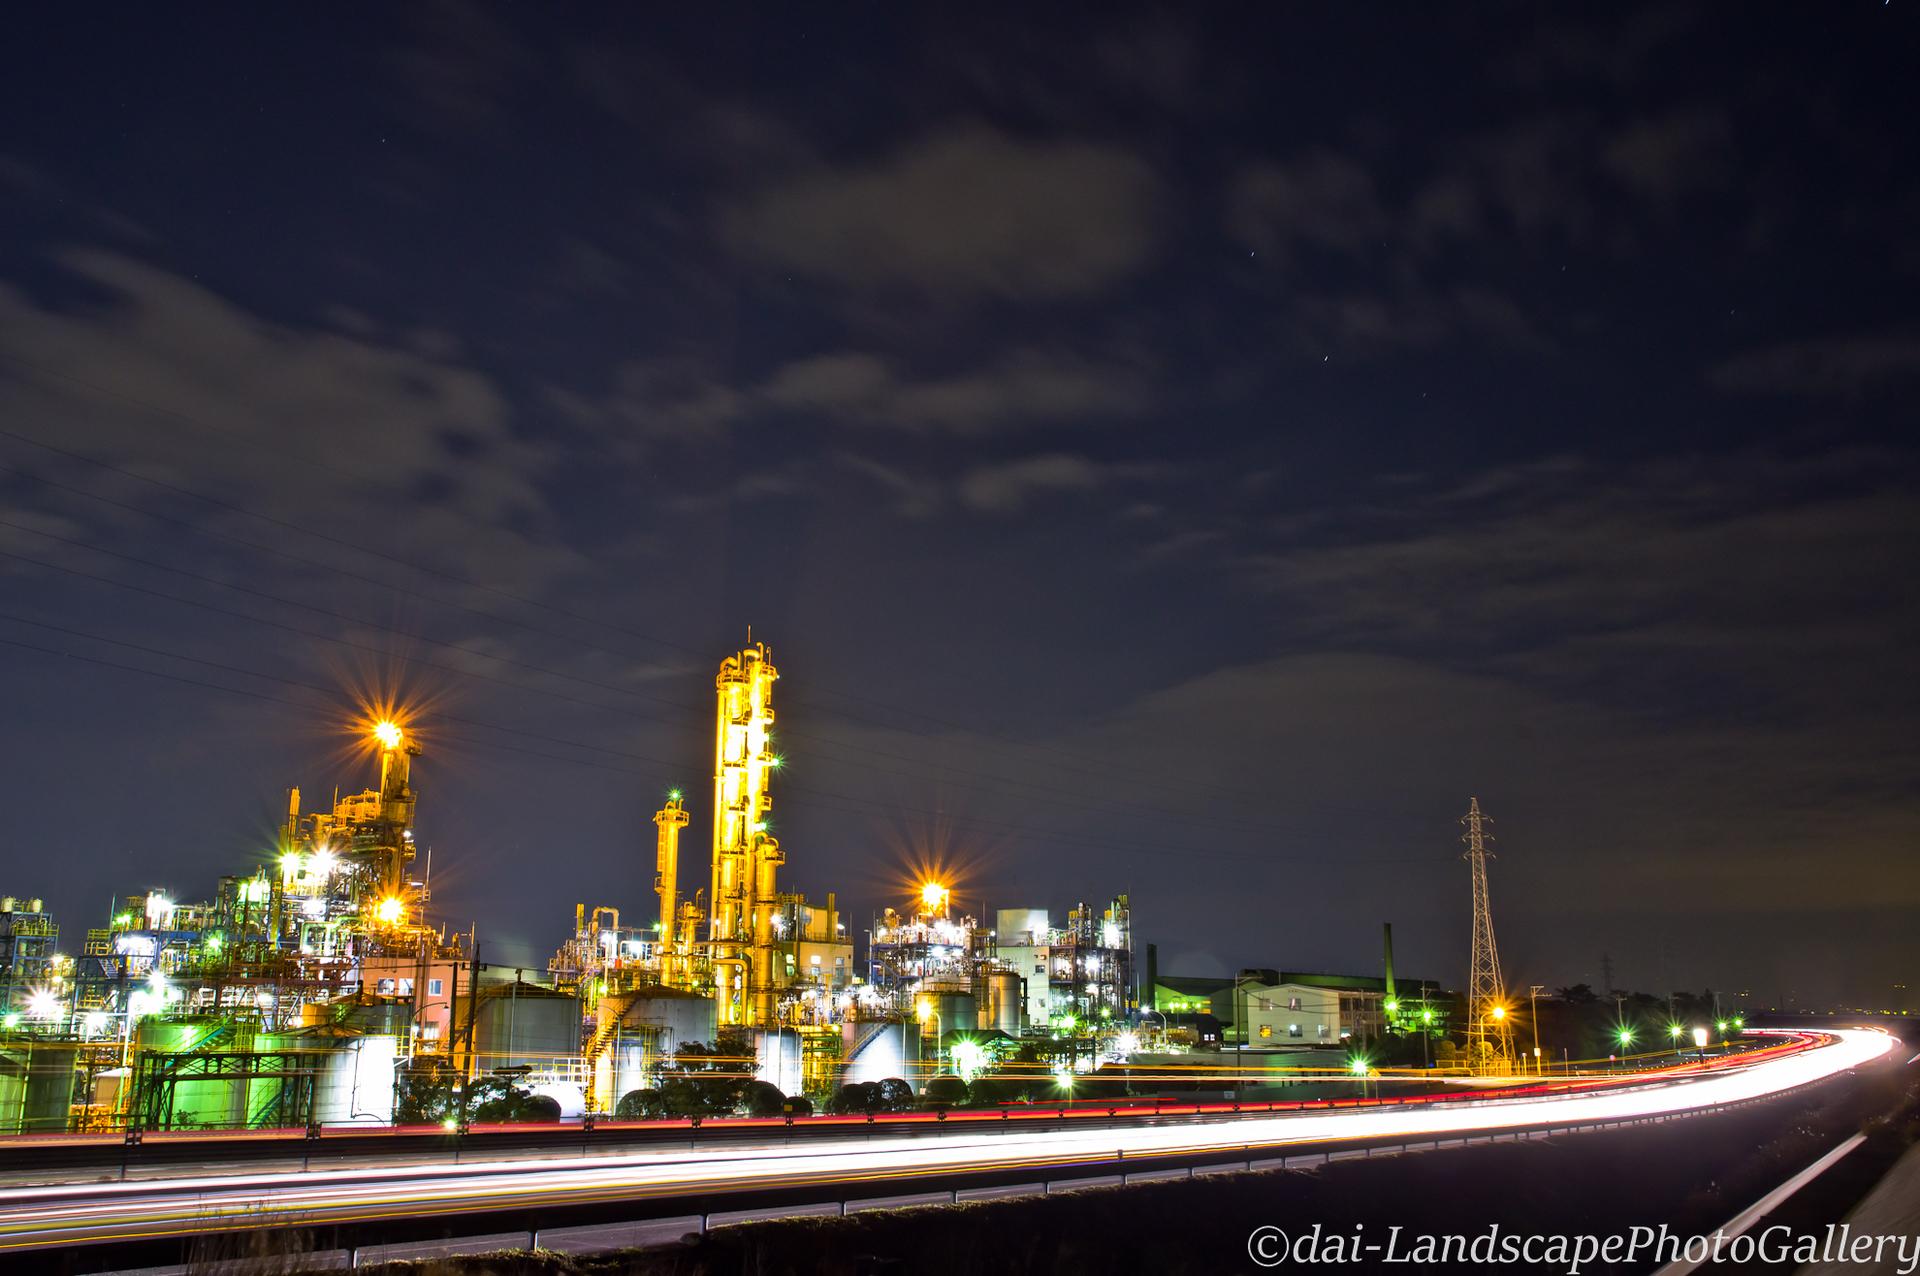 国道1号バイパスと工場夜景